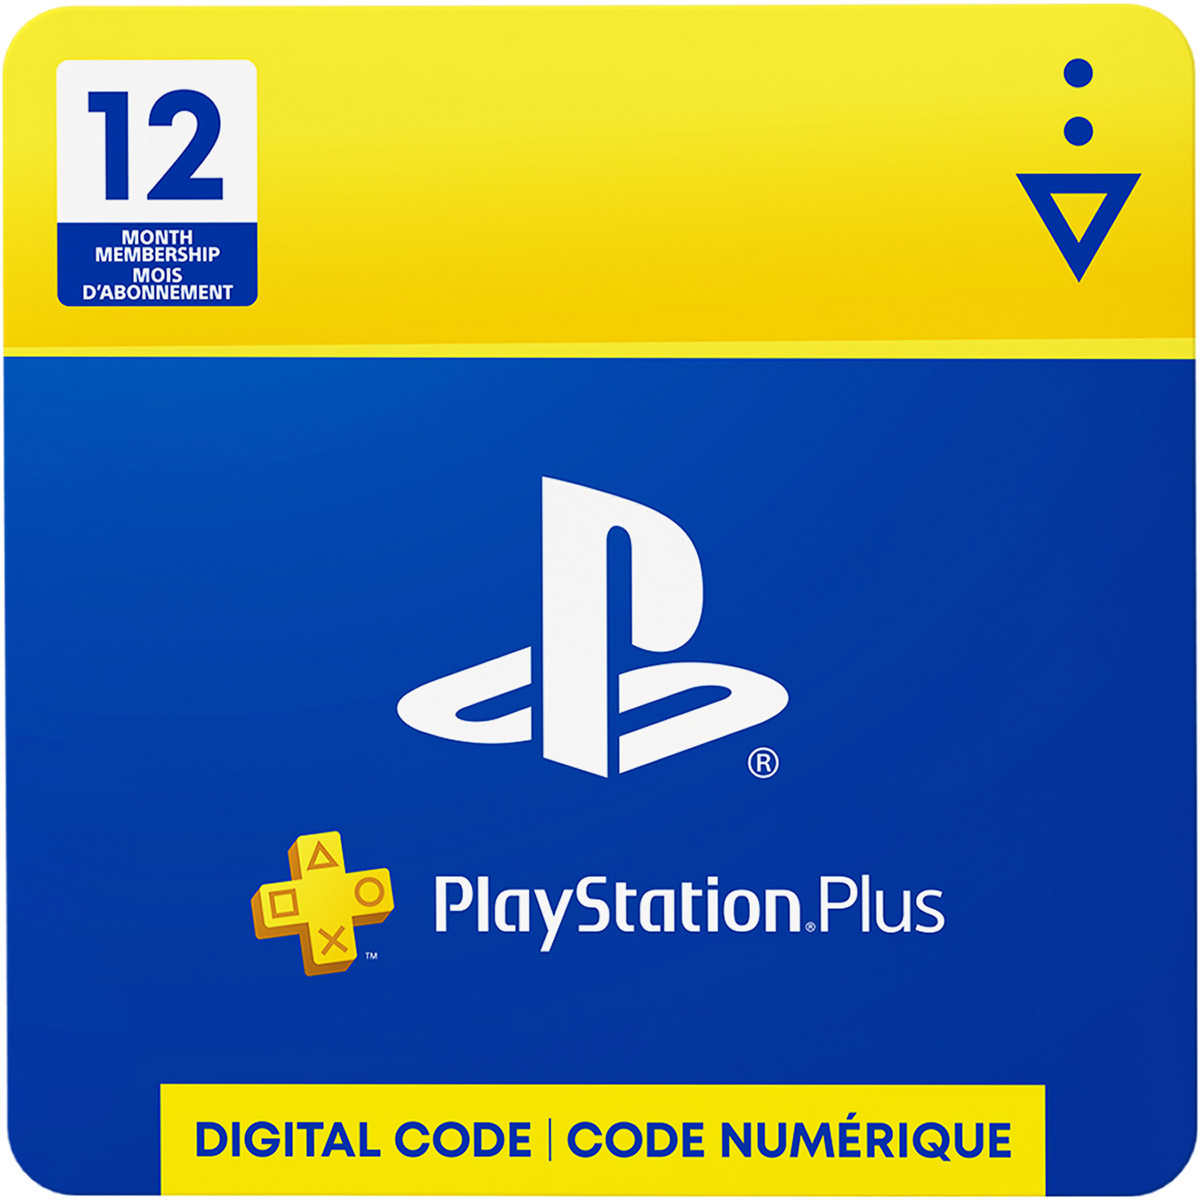 playstation postal code ps4